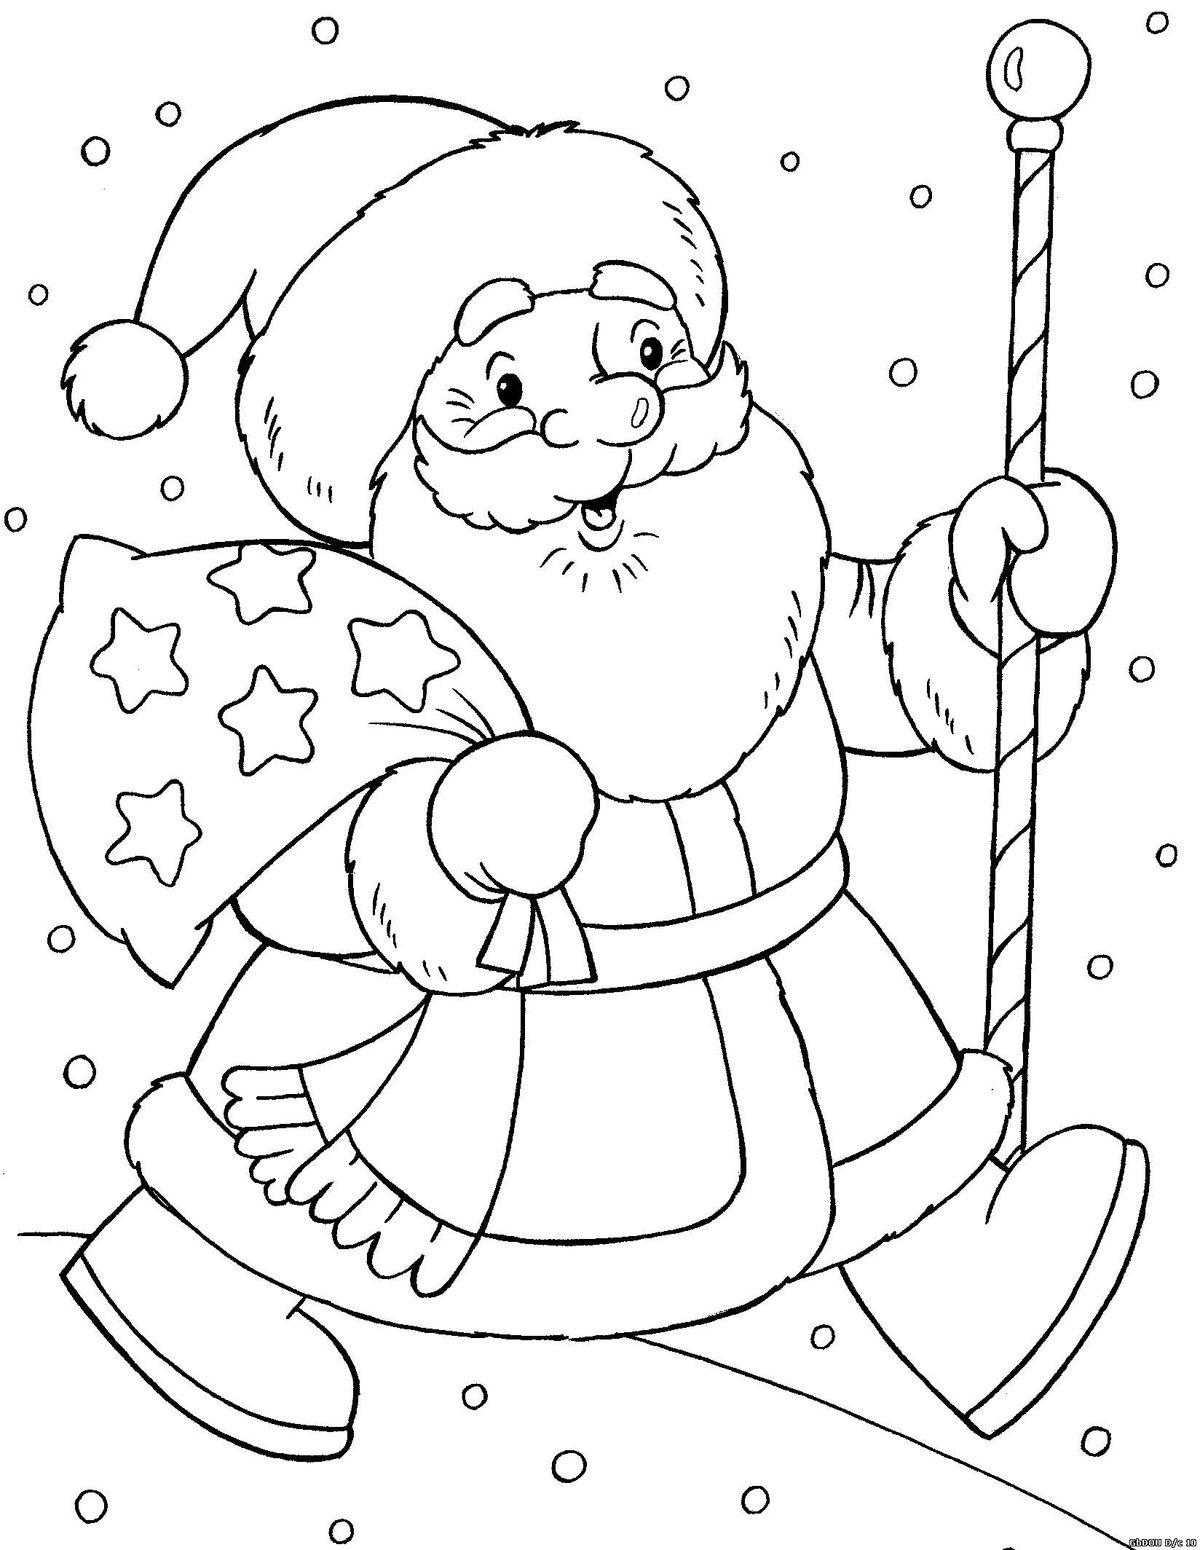 Как нарисовать на открытке на новый год, смешная папа